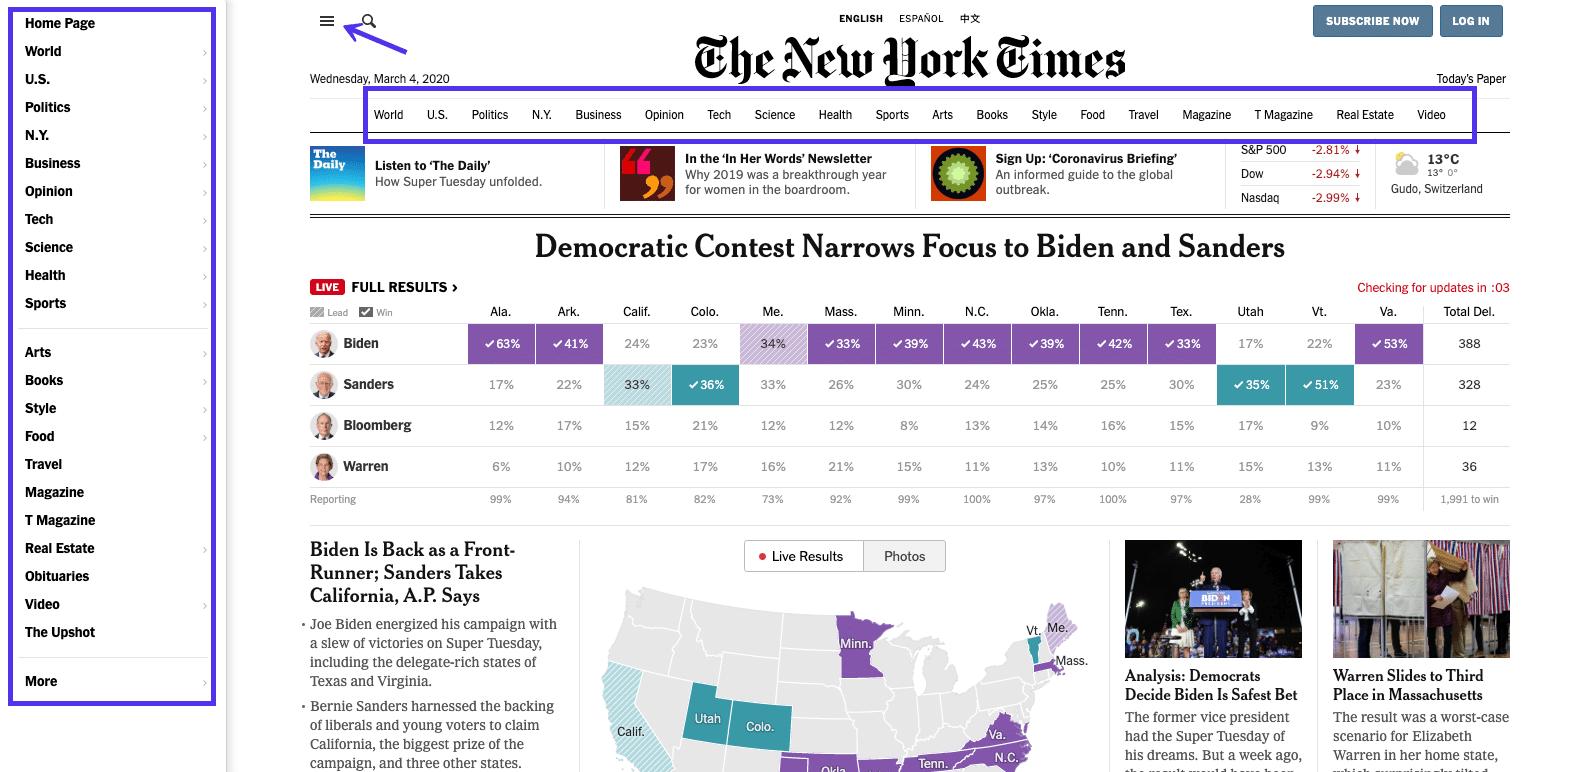 NYT's website navigation